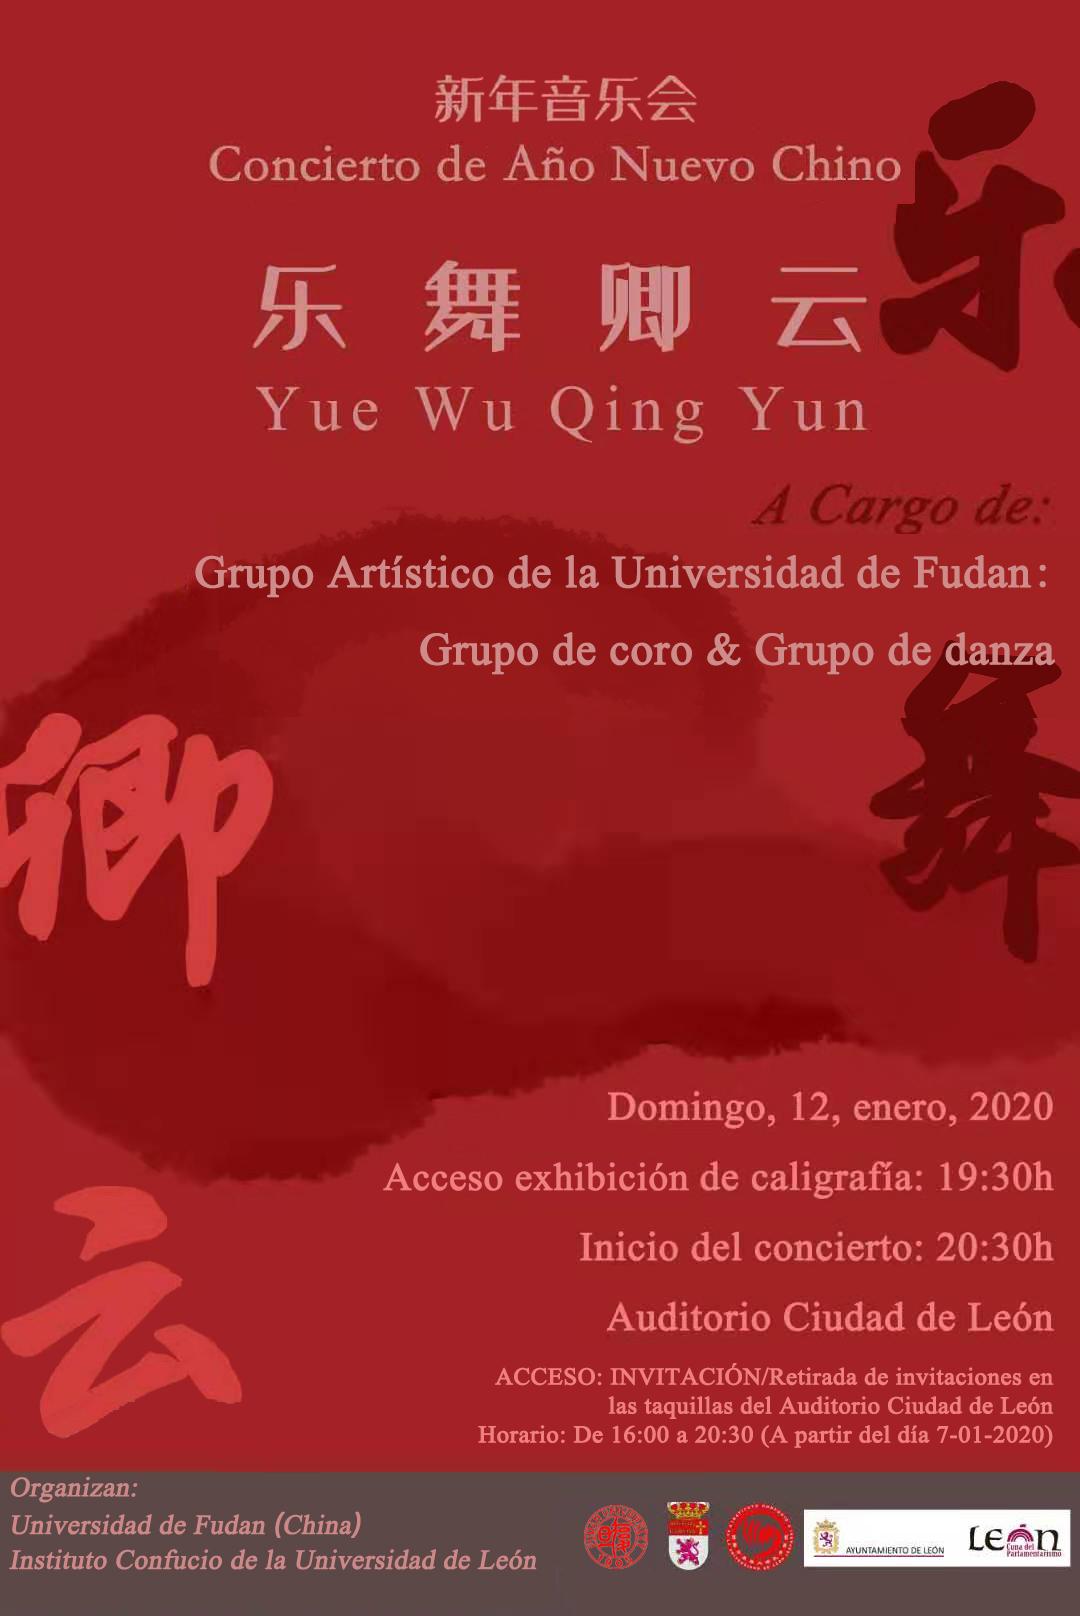 Concierto Año Nuevo Chino 2020 - imagen 3